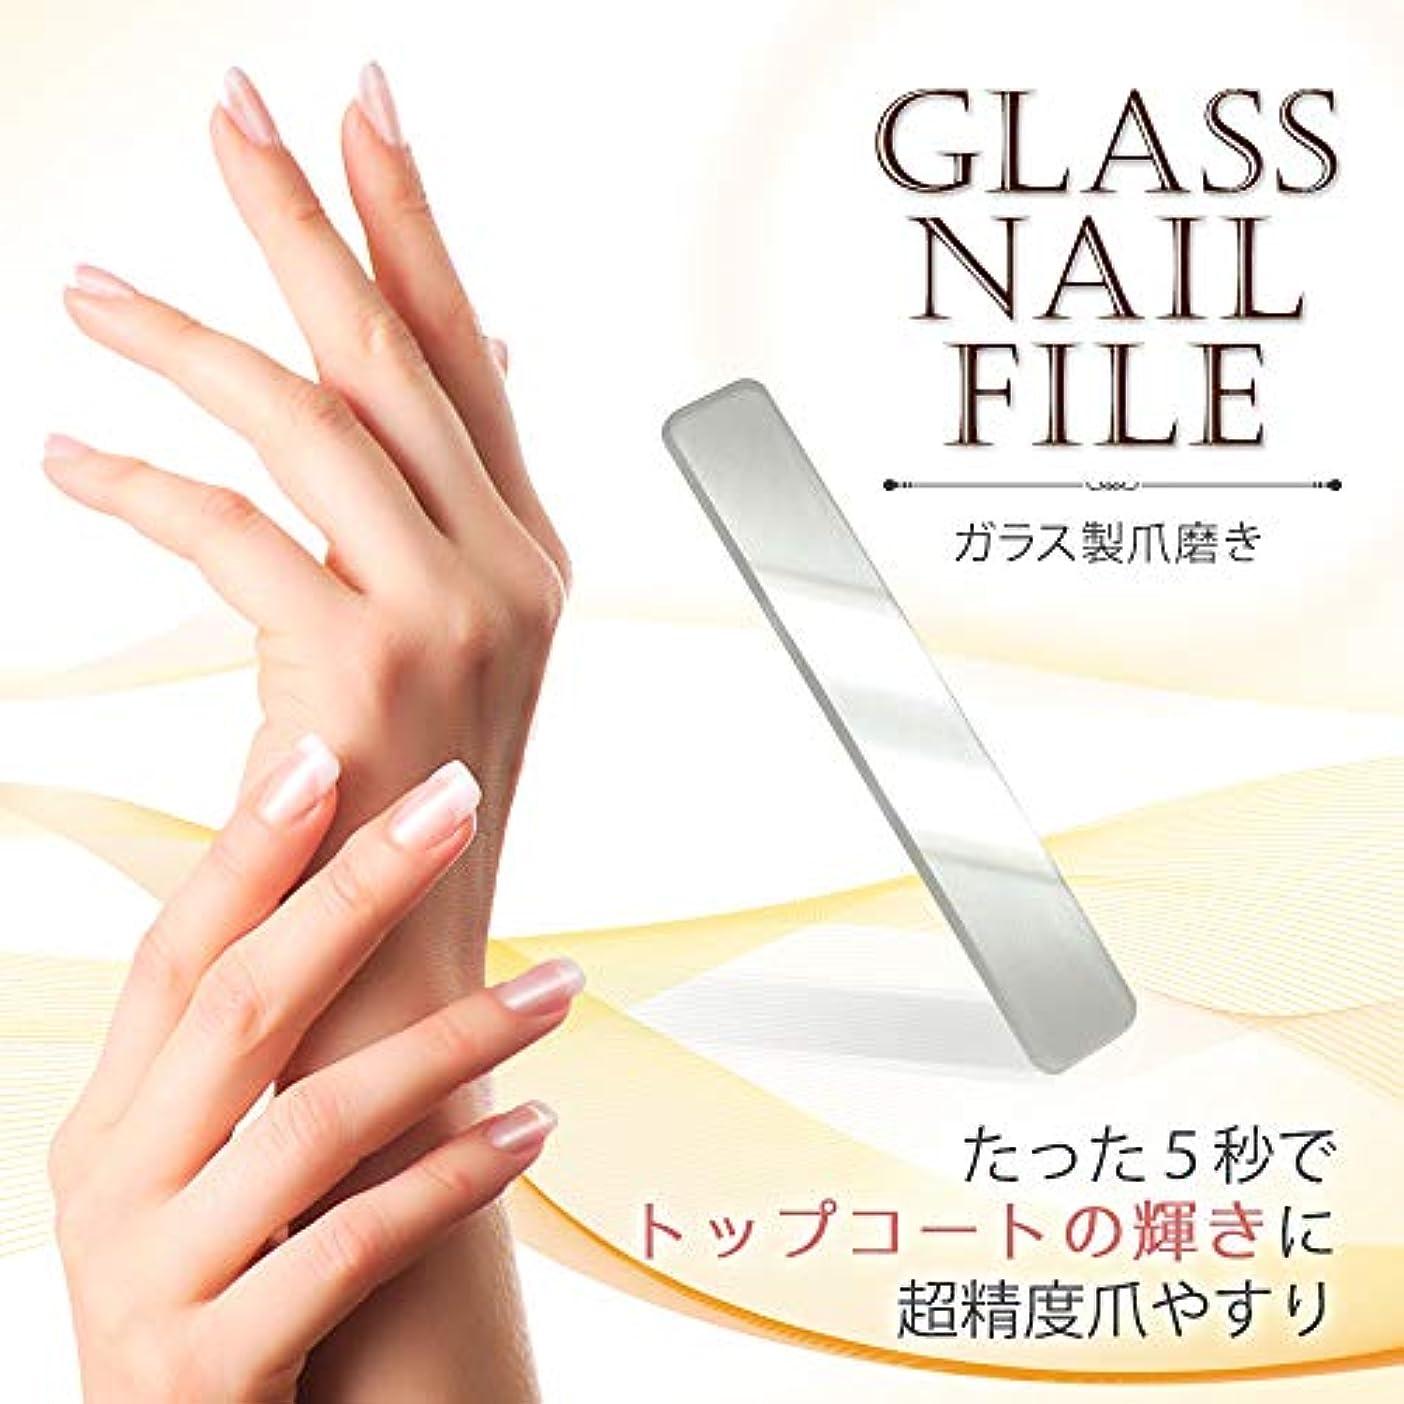 デコードするパニック名誉ある5秒で実感 Glass Nail File (ガラス製 爪やすり 爪みがき つめみがき 爪磨き ネイルファイル ネイルシャイナー グラスシャイナー バッファー ネイルケア 爪ケア)